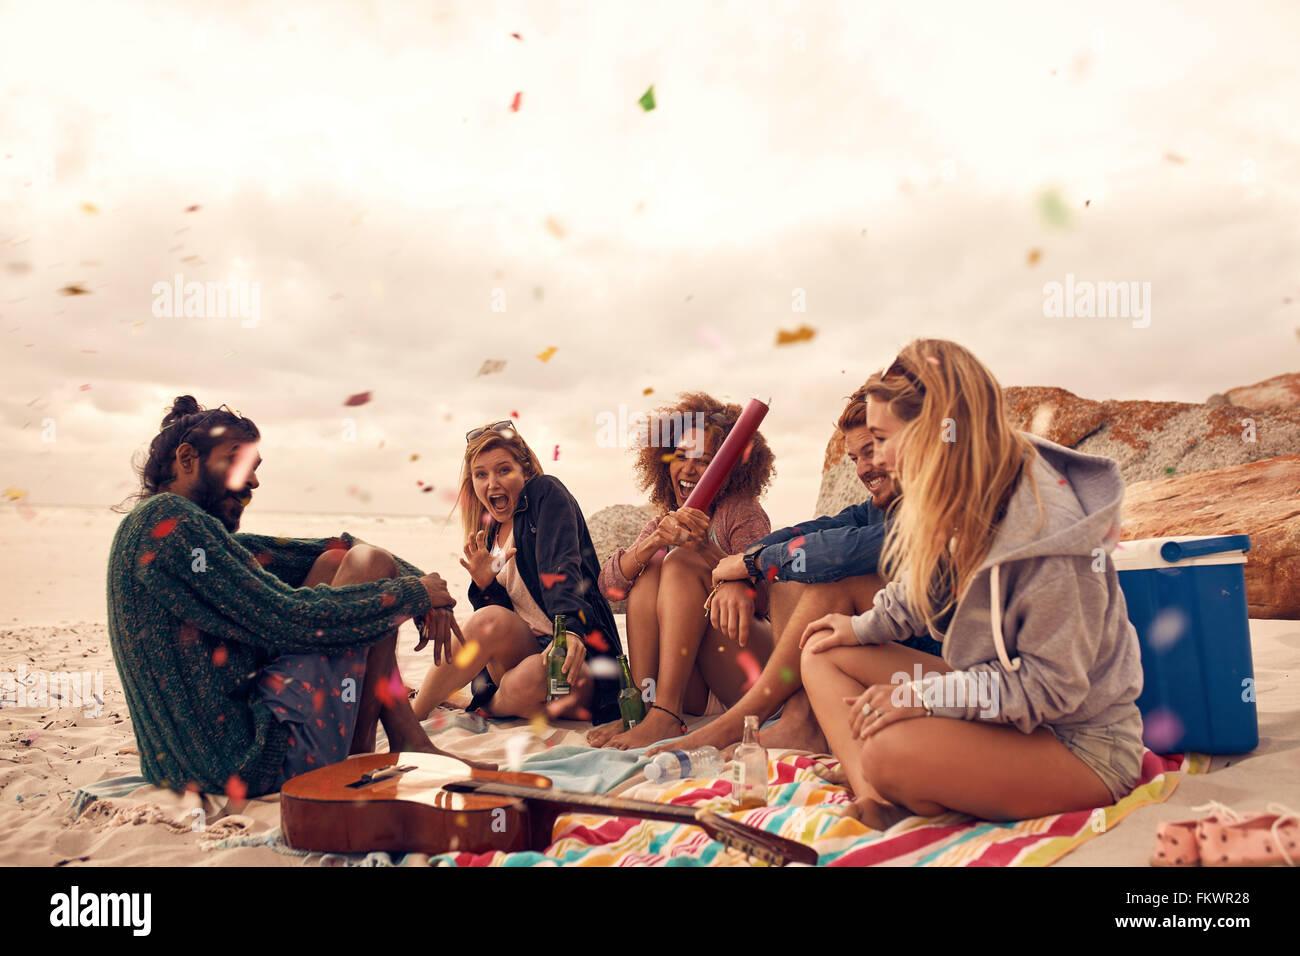 Glückliche Freunde Party am Strand mit Getränken und Konfetti. Glückliche junge Menschen, die Spaß Stockbild